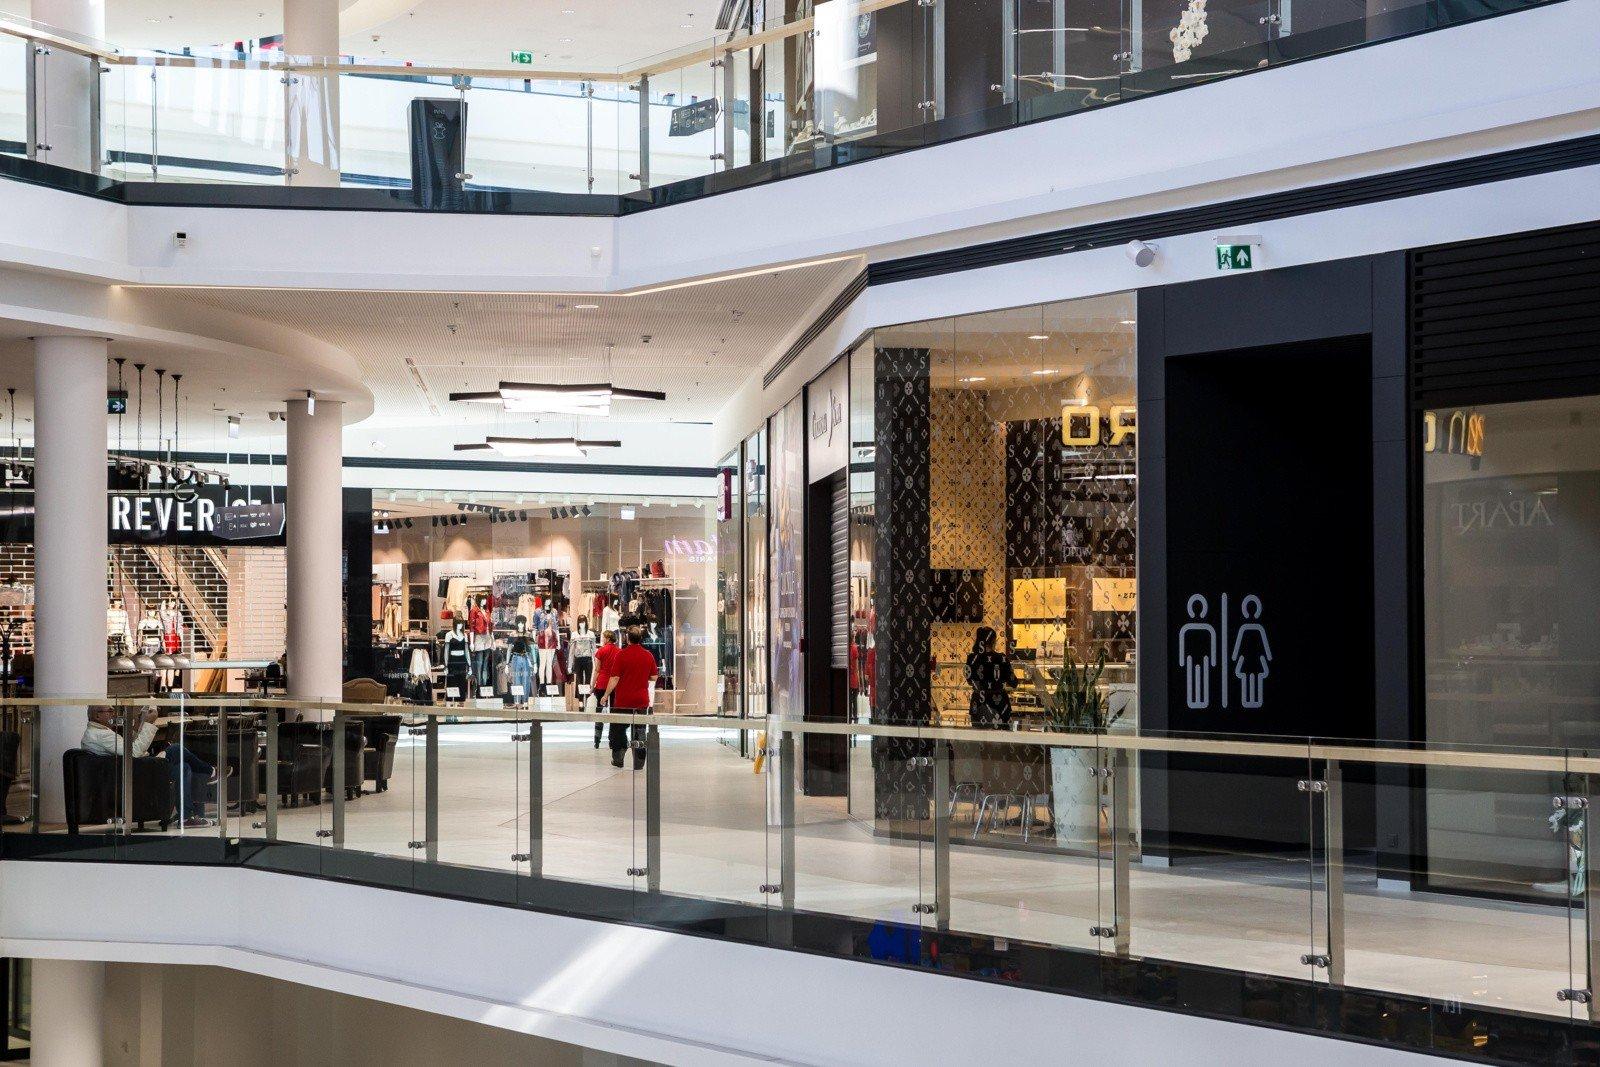 9a9c8f9af Galeria Północna już zaprasza klientów: na starcie dużo promocji i  specjalny ofert